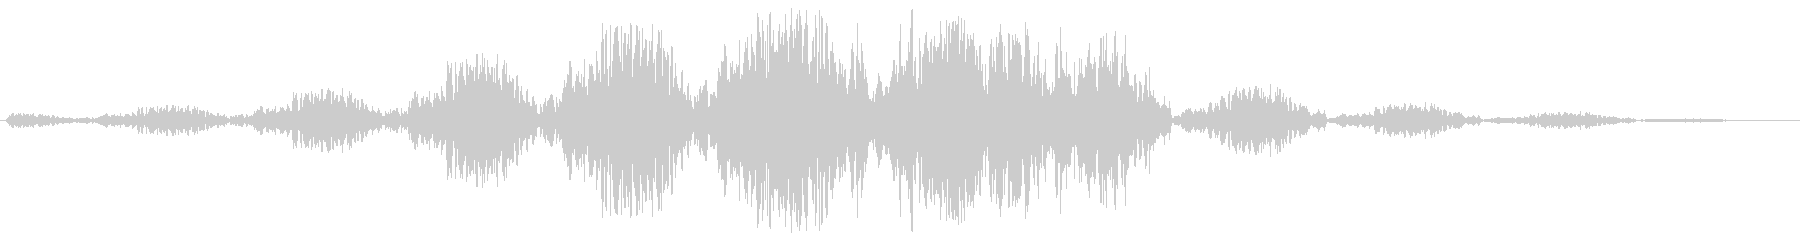 ゆっくりと回転移動するような効果音の未再生の波形